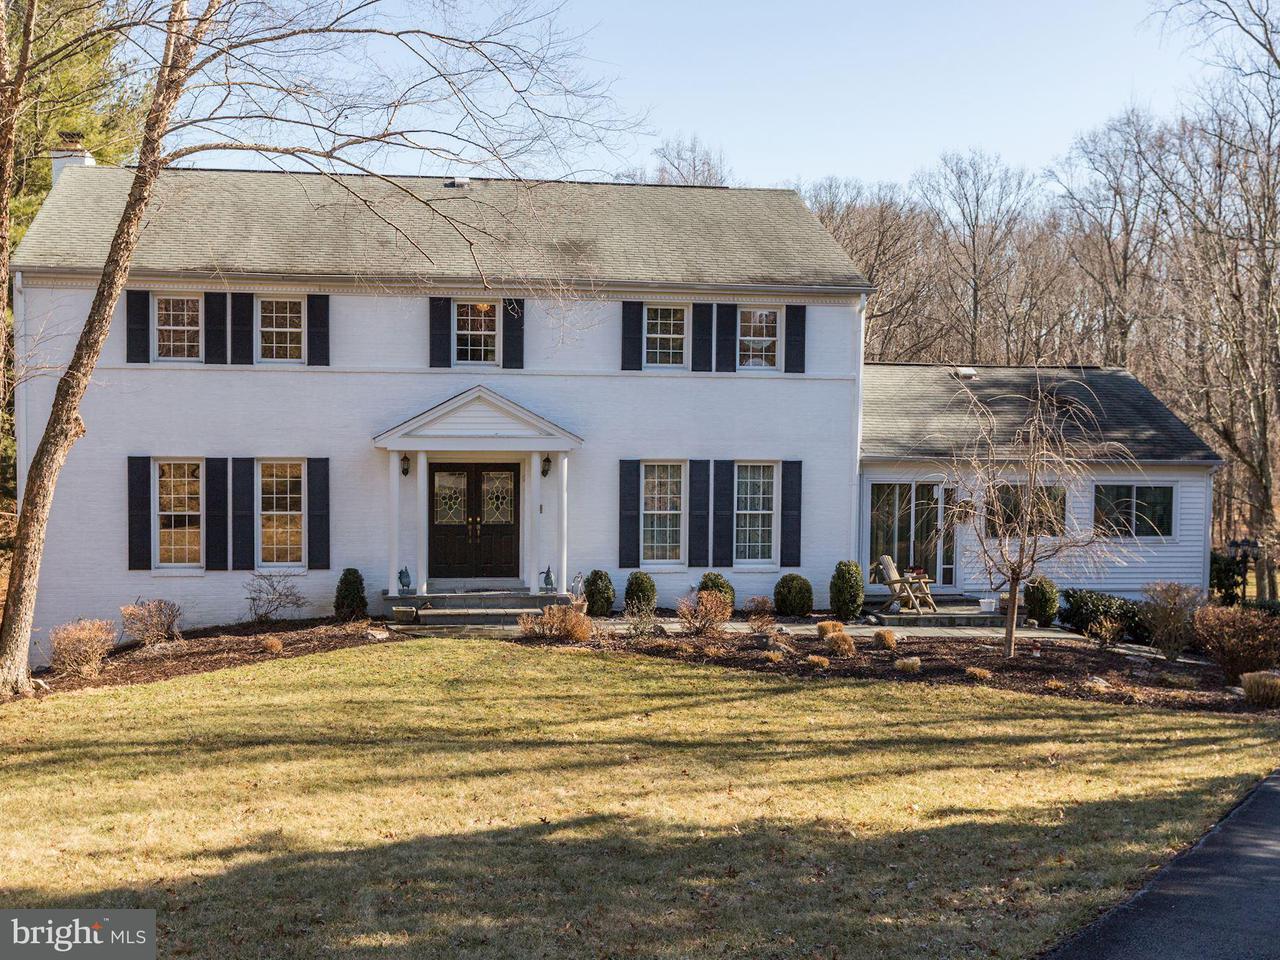 Частный односемейный дом для того Продажа на 12404 Deoudes Road 12404 Deoudes Road Boyds, Мэриленд 20841 Соединенные Штаты